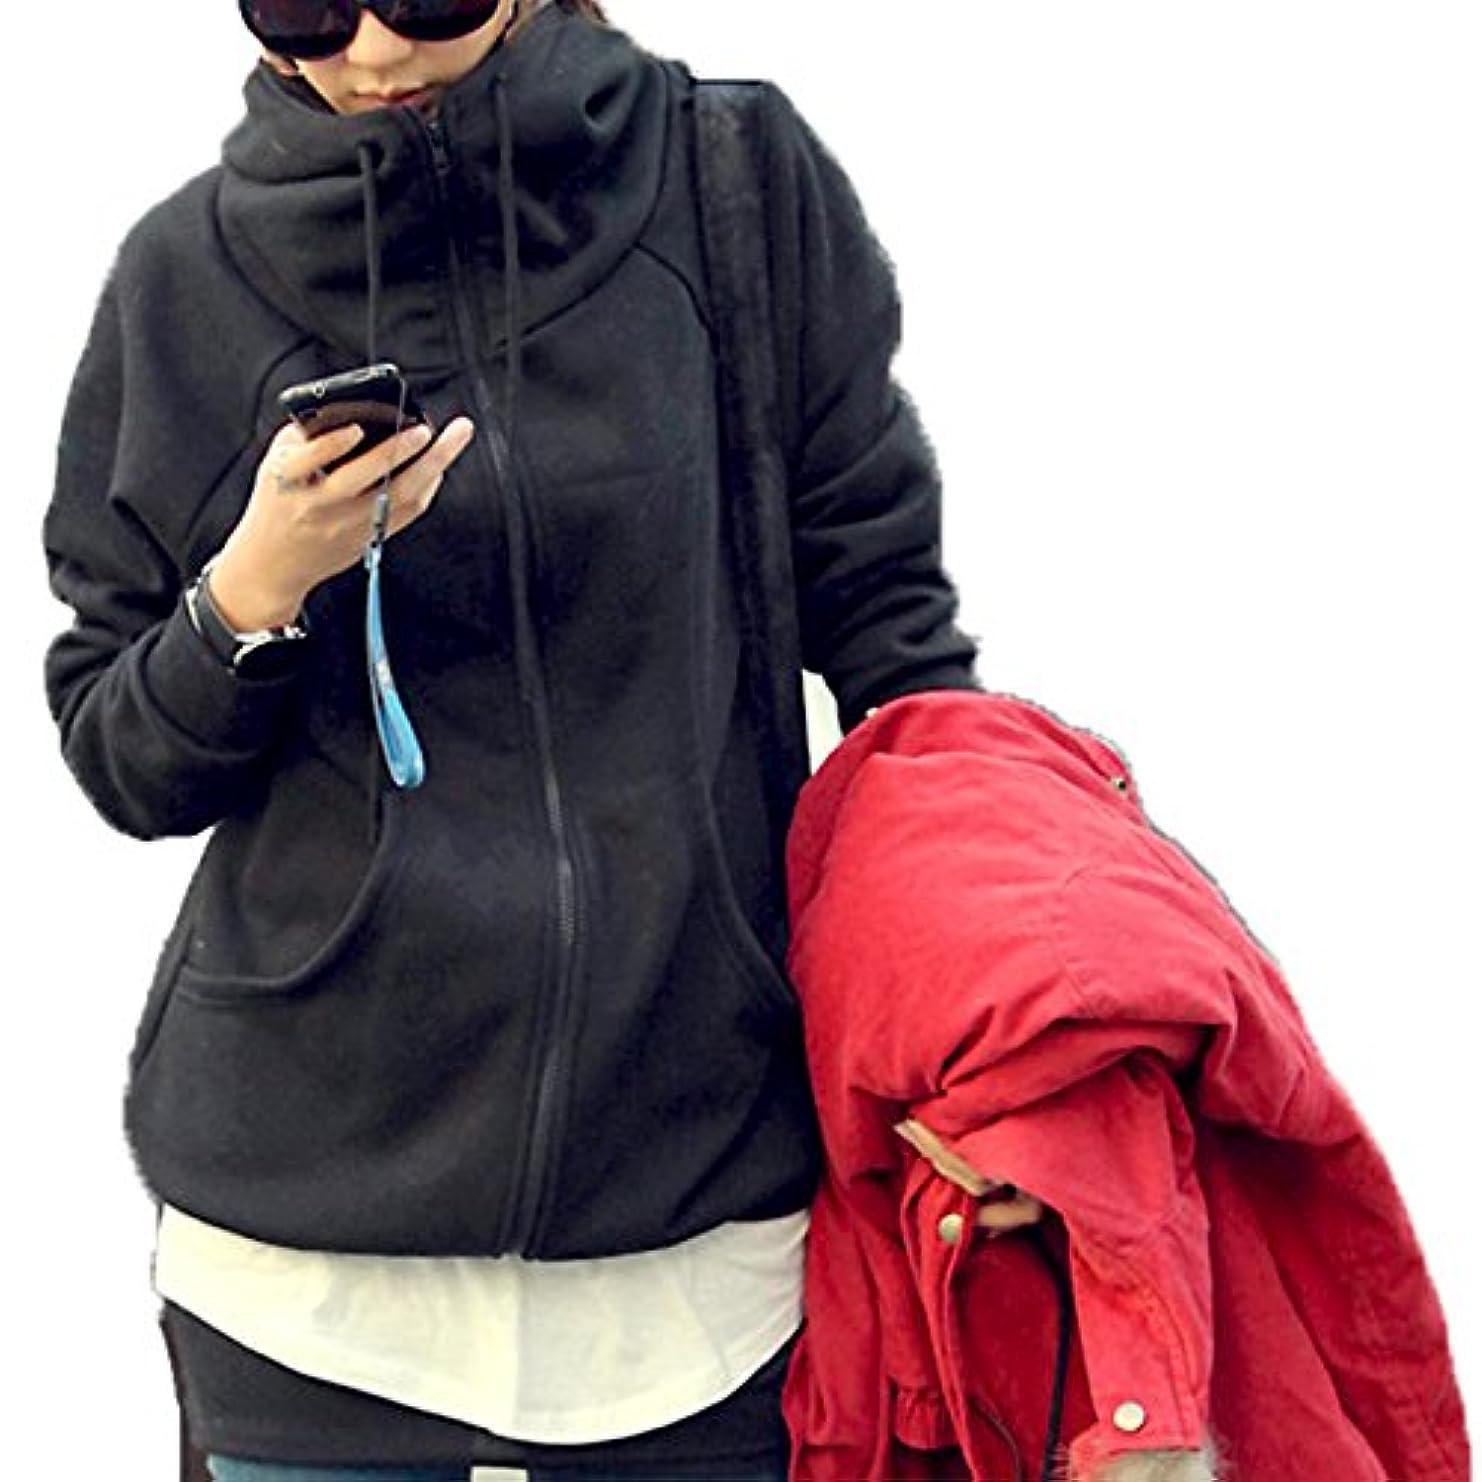 スキー可愛い旅客[ココチエ] レディース パーカー シンプル ジップアップ 綿 フード かっこいい 長袖 おしゃれ カジュアル M L XL グレー ブラック